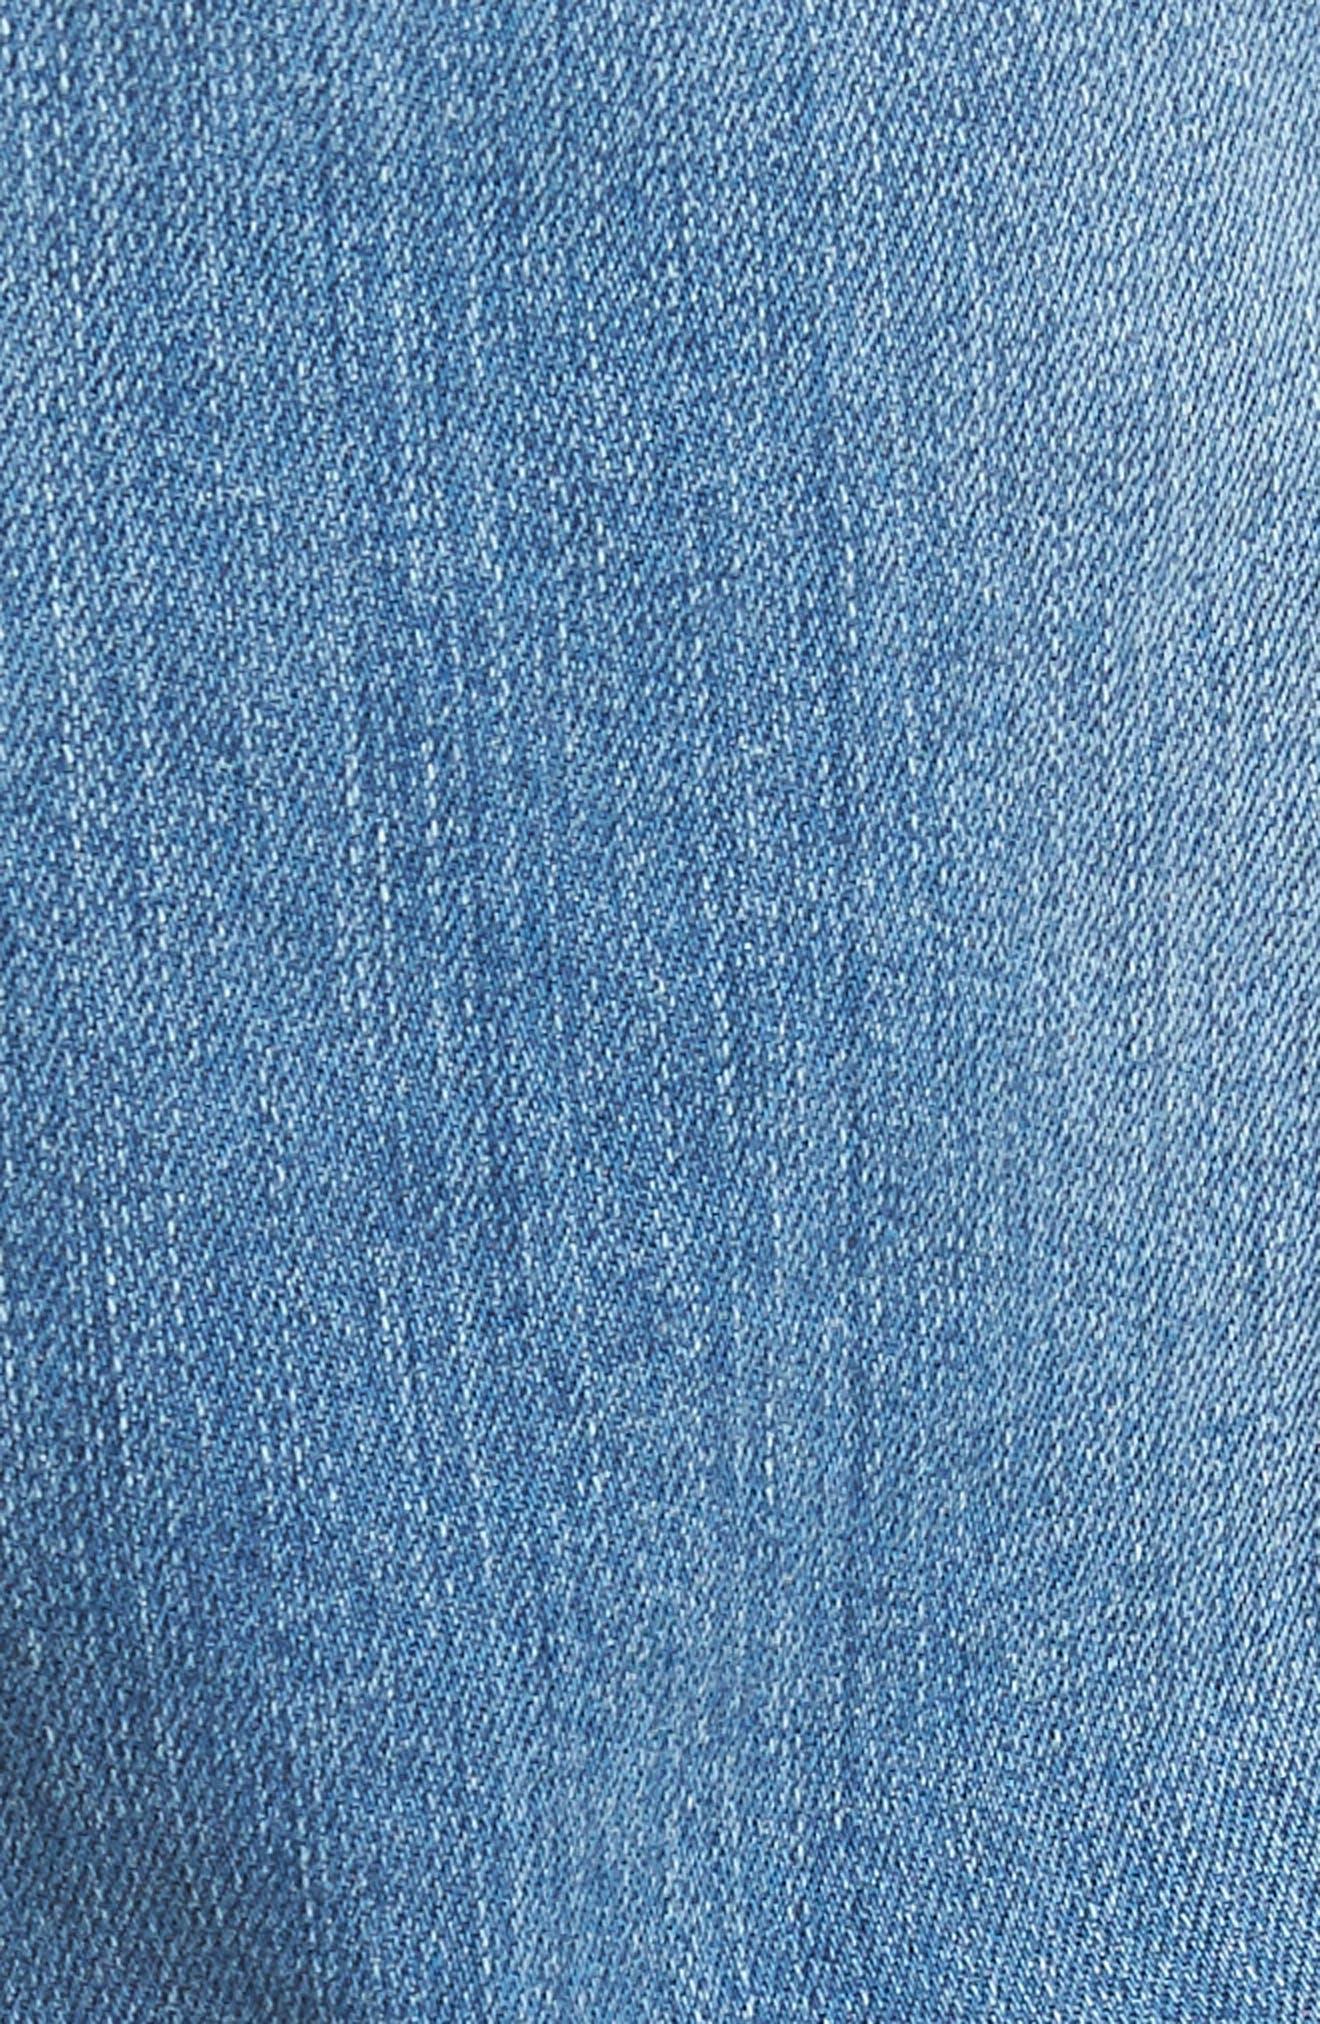 Buster Slim Straight Leg Jeans,                             Alternate thumbnail 5, color,                             Denim